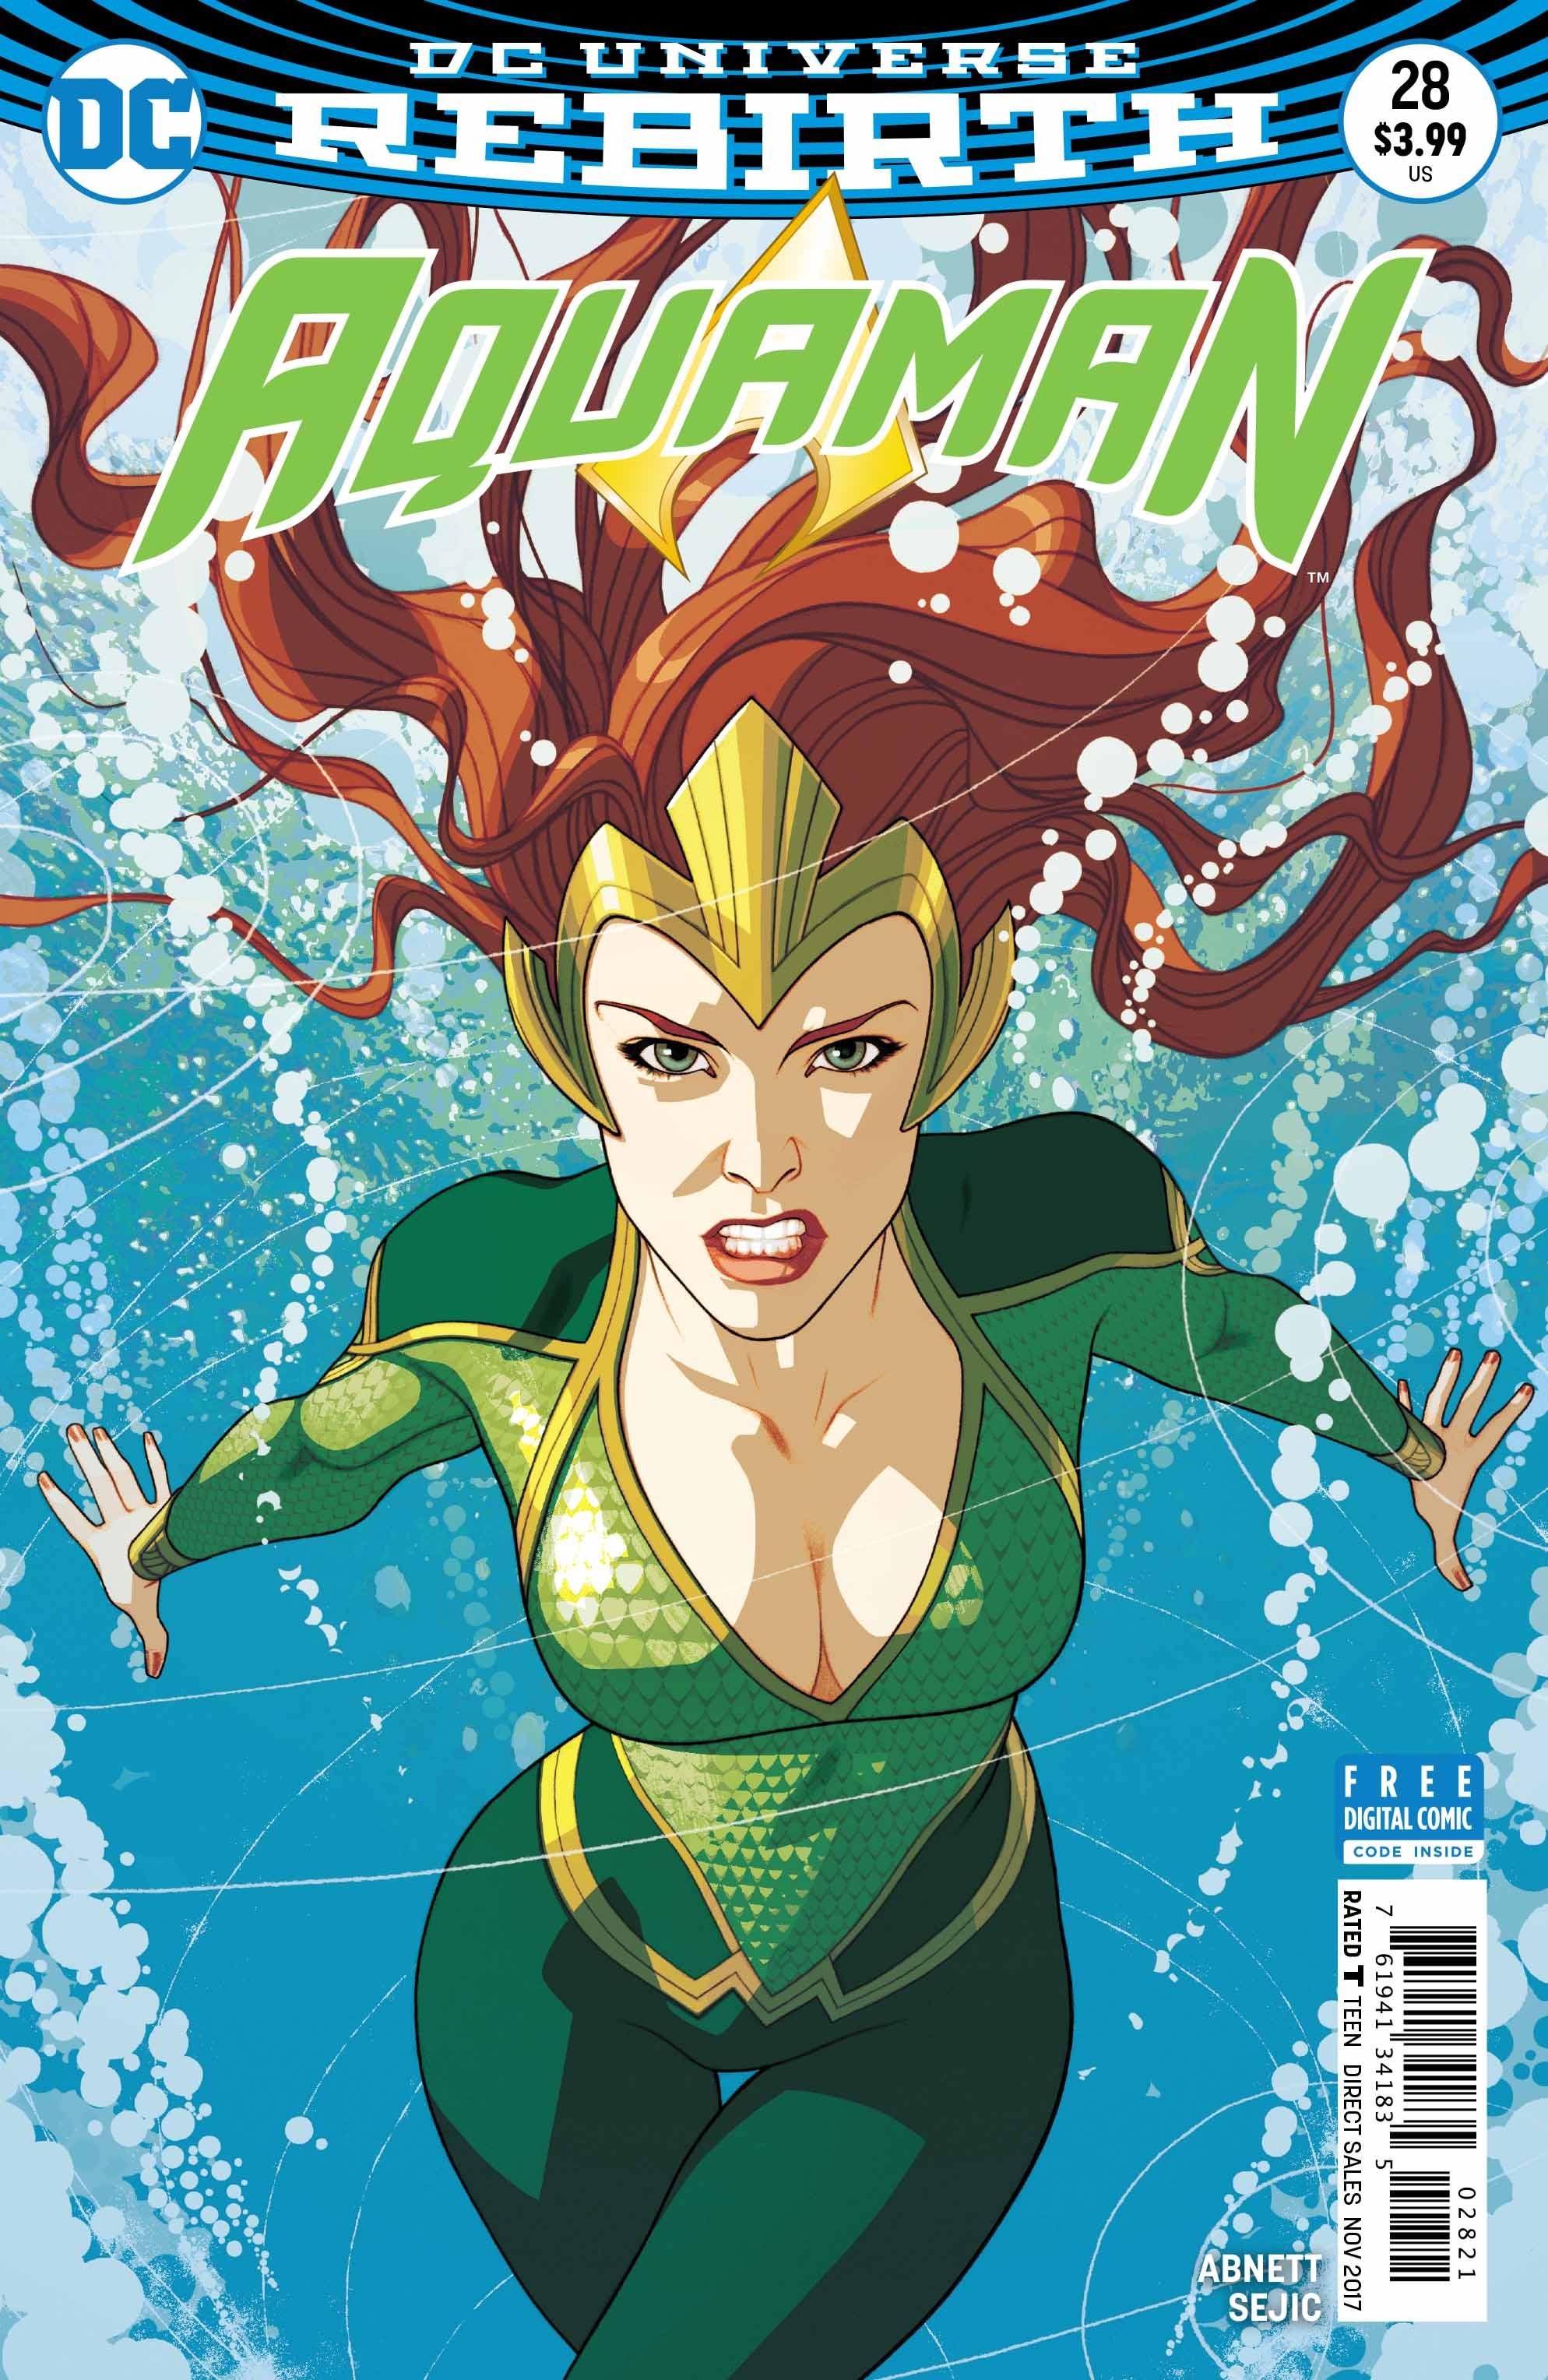 Aquaman 28 Variant - DC Comics News